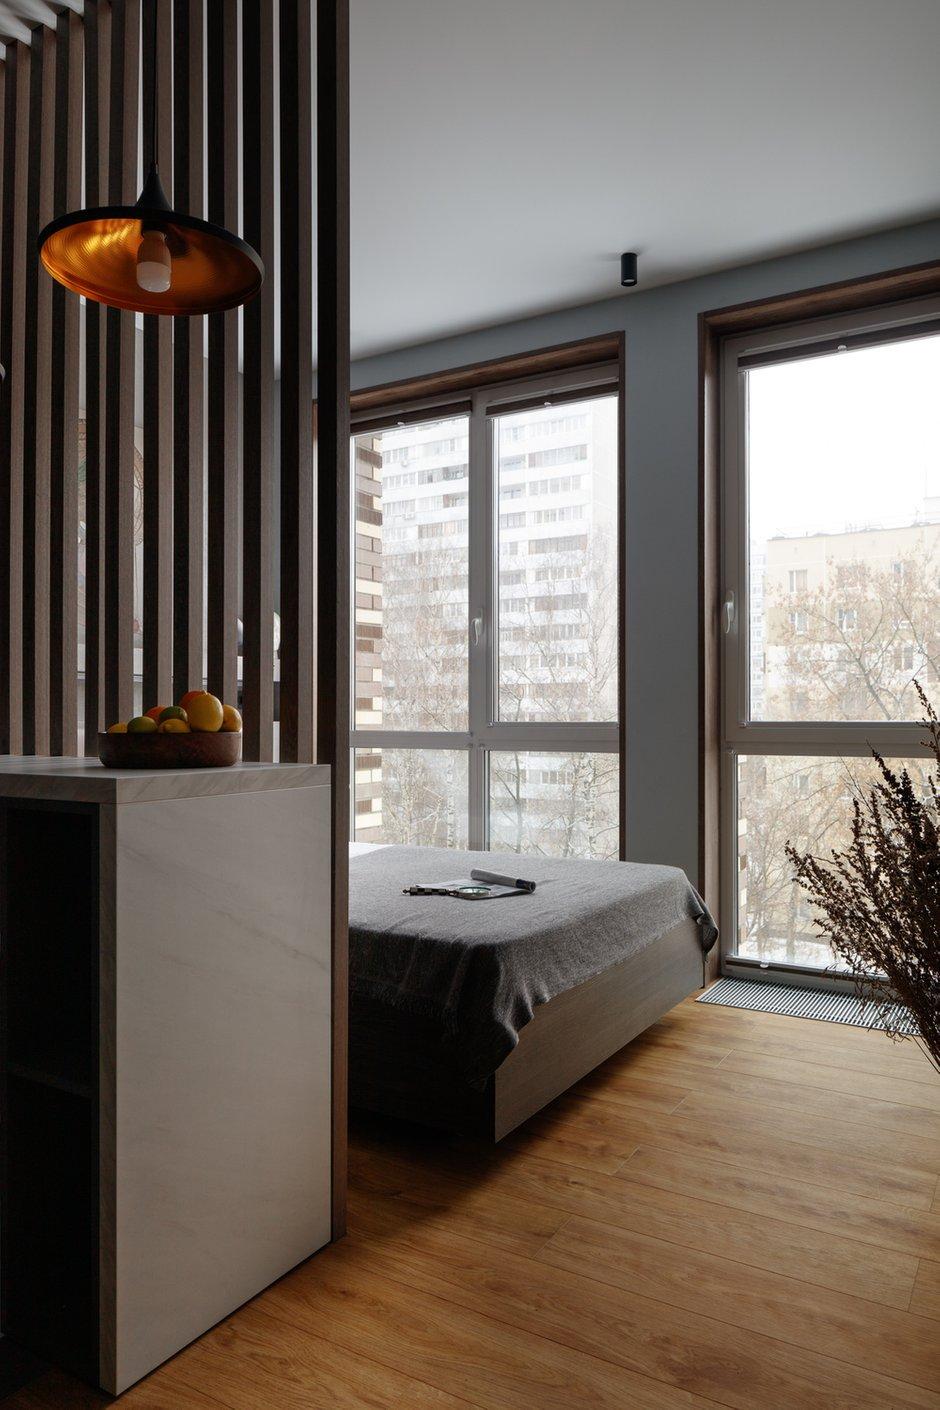 Фотография: Спальня в стиле Современный, Малогабаритная квартира, Квартира, Студия, Проект недели, Москва, до 40 метров, Анастасия Калистова, Kalistova.Interior – фото на INMYROOM